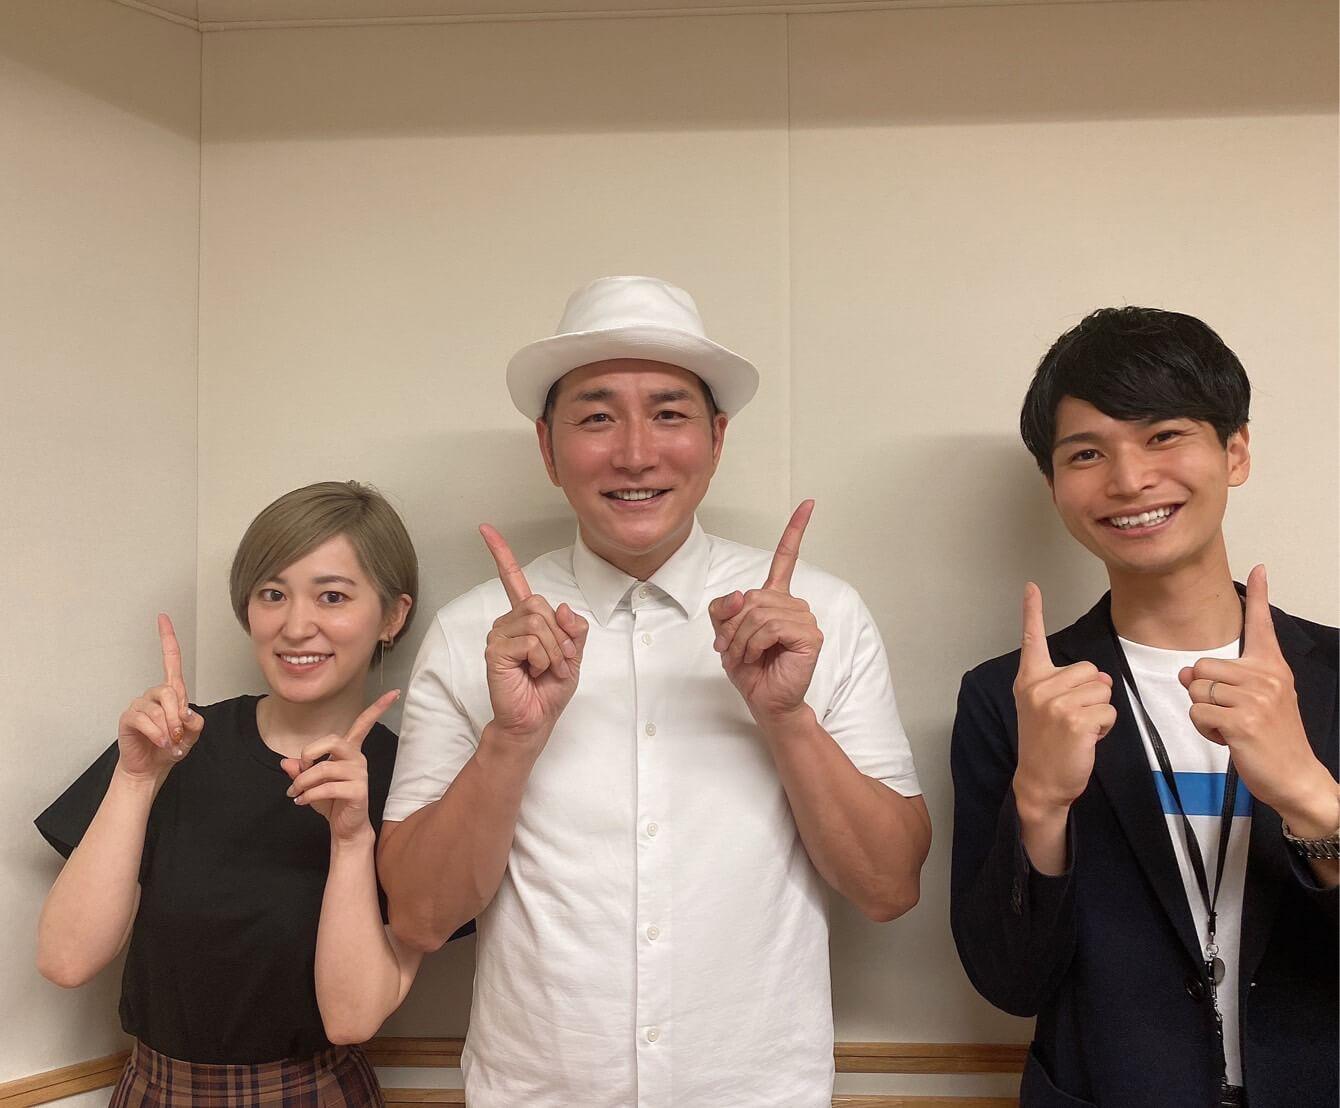 収納王子コジマジックさんが登場!【10/11(月) ワンダーユーマン】